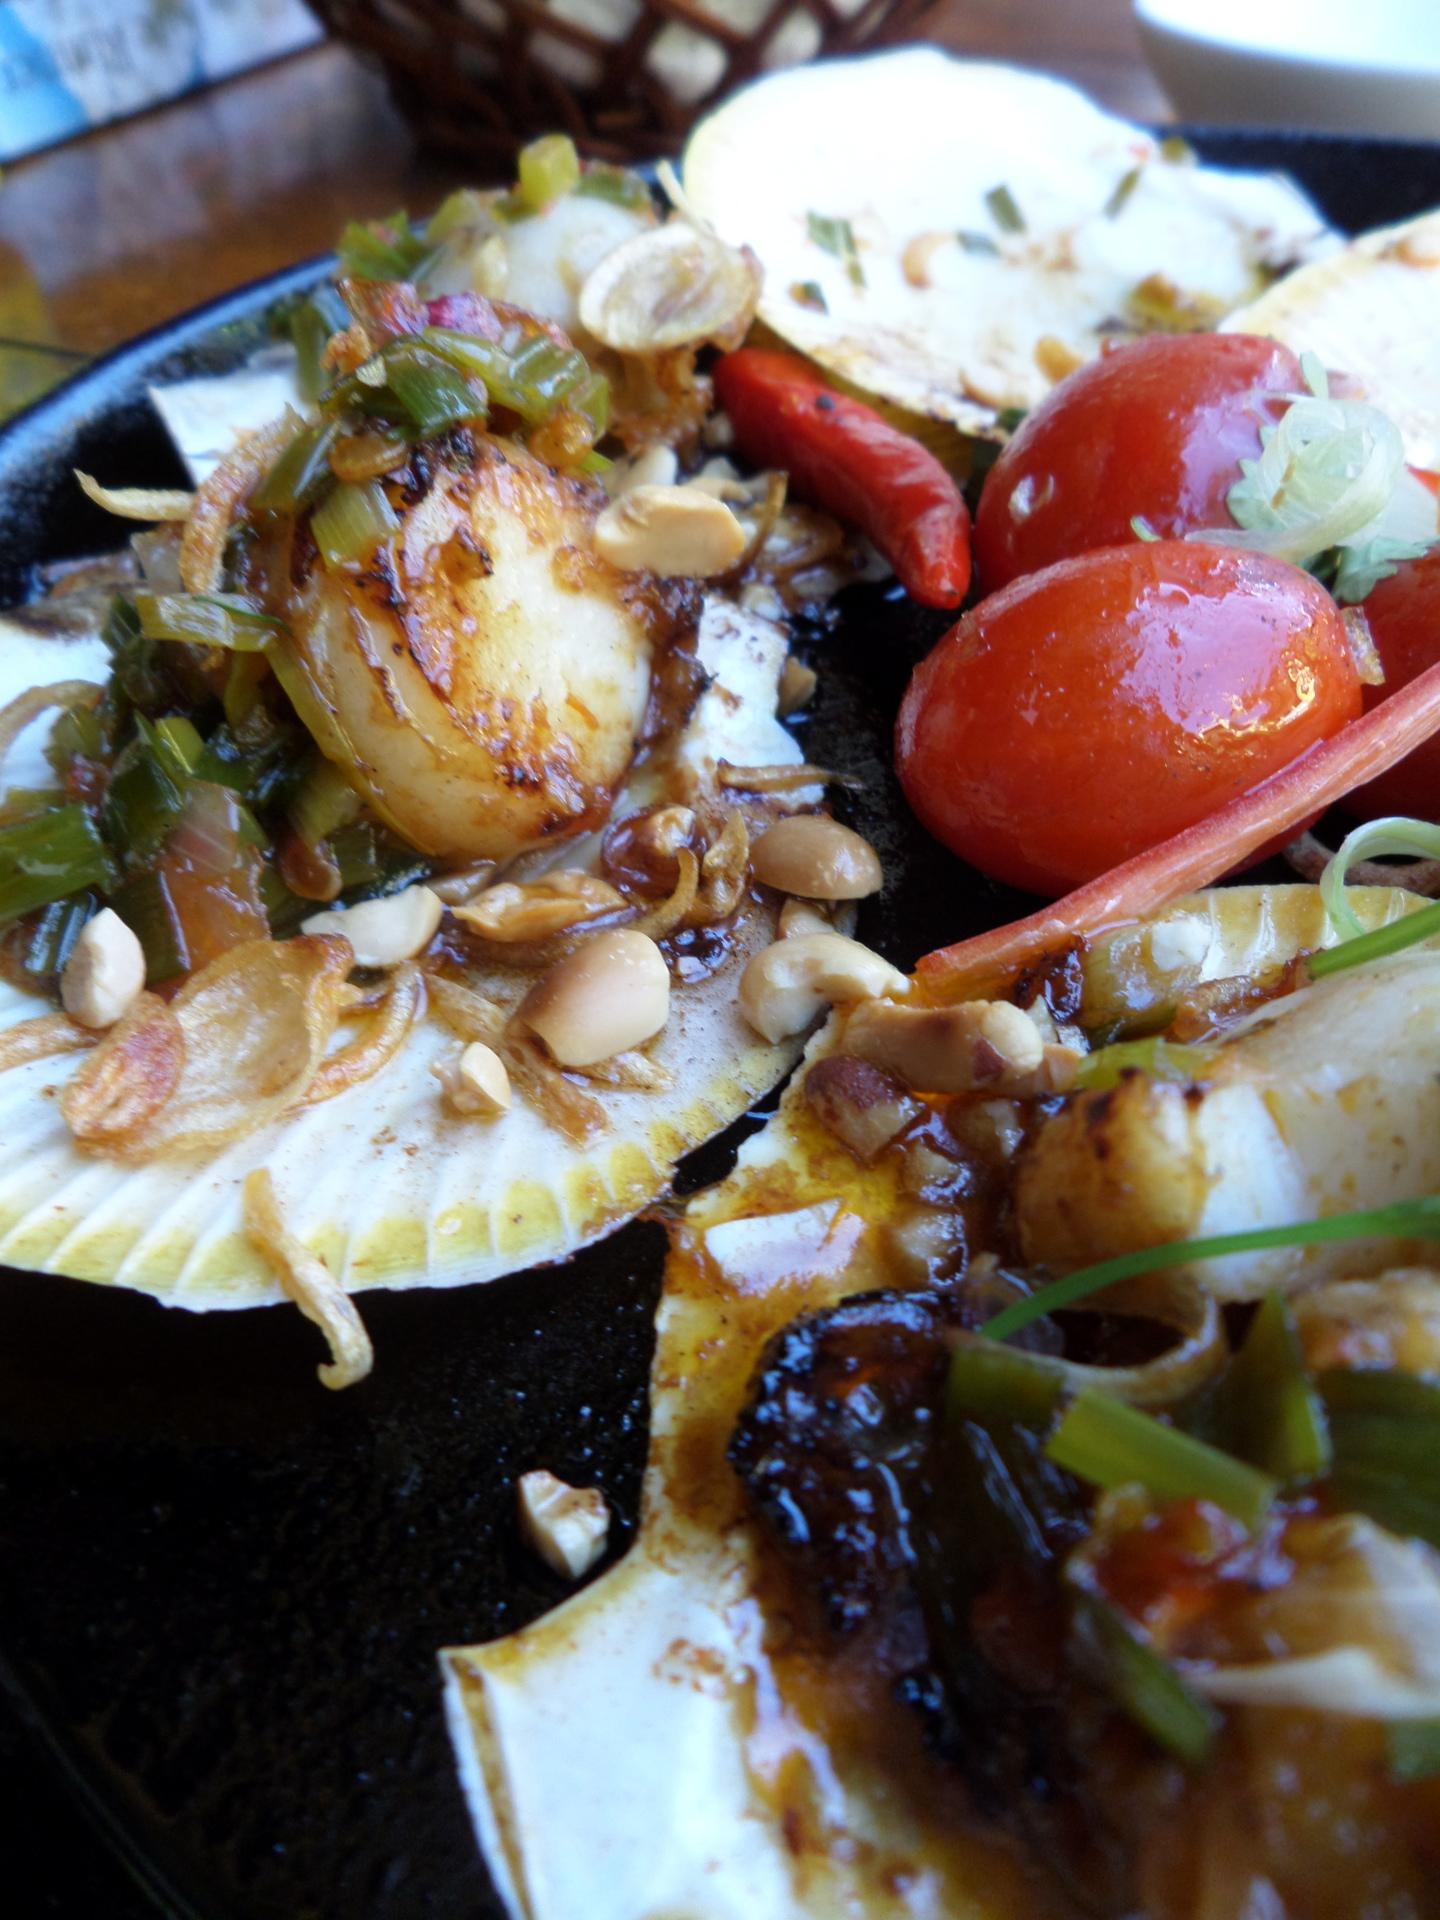 Travelling Snack Restaurant, food van- scallops